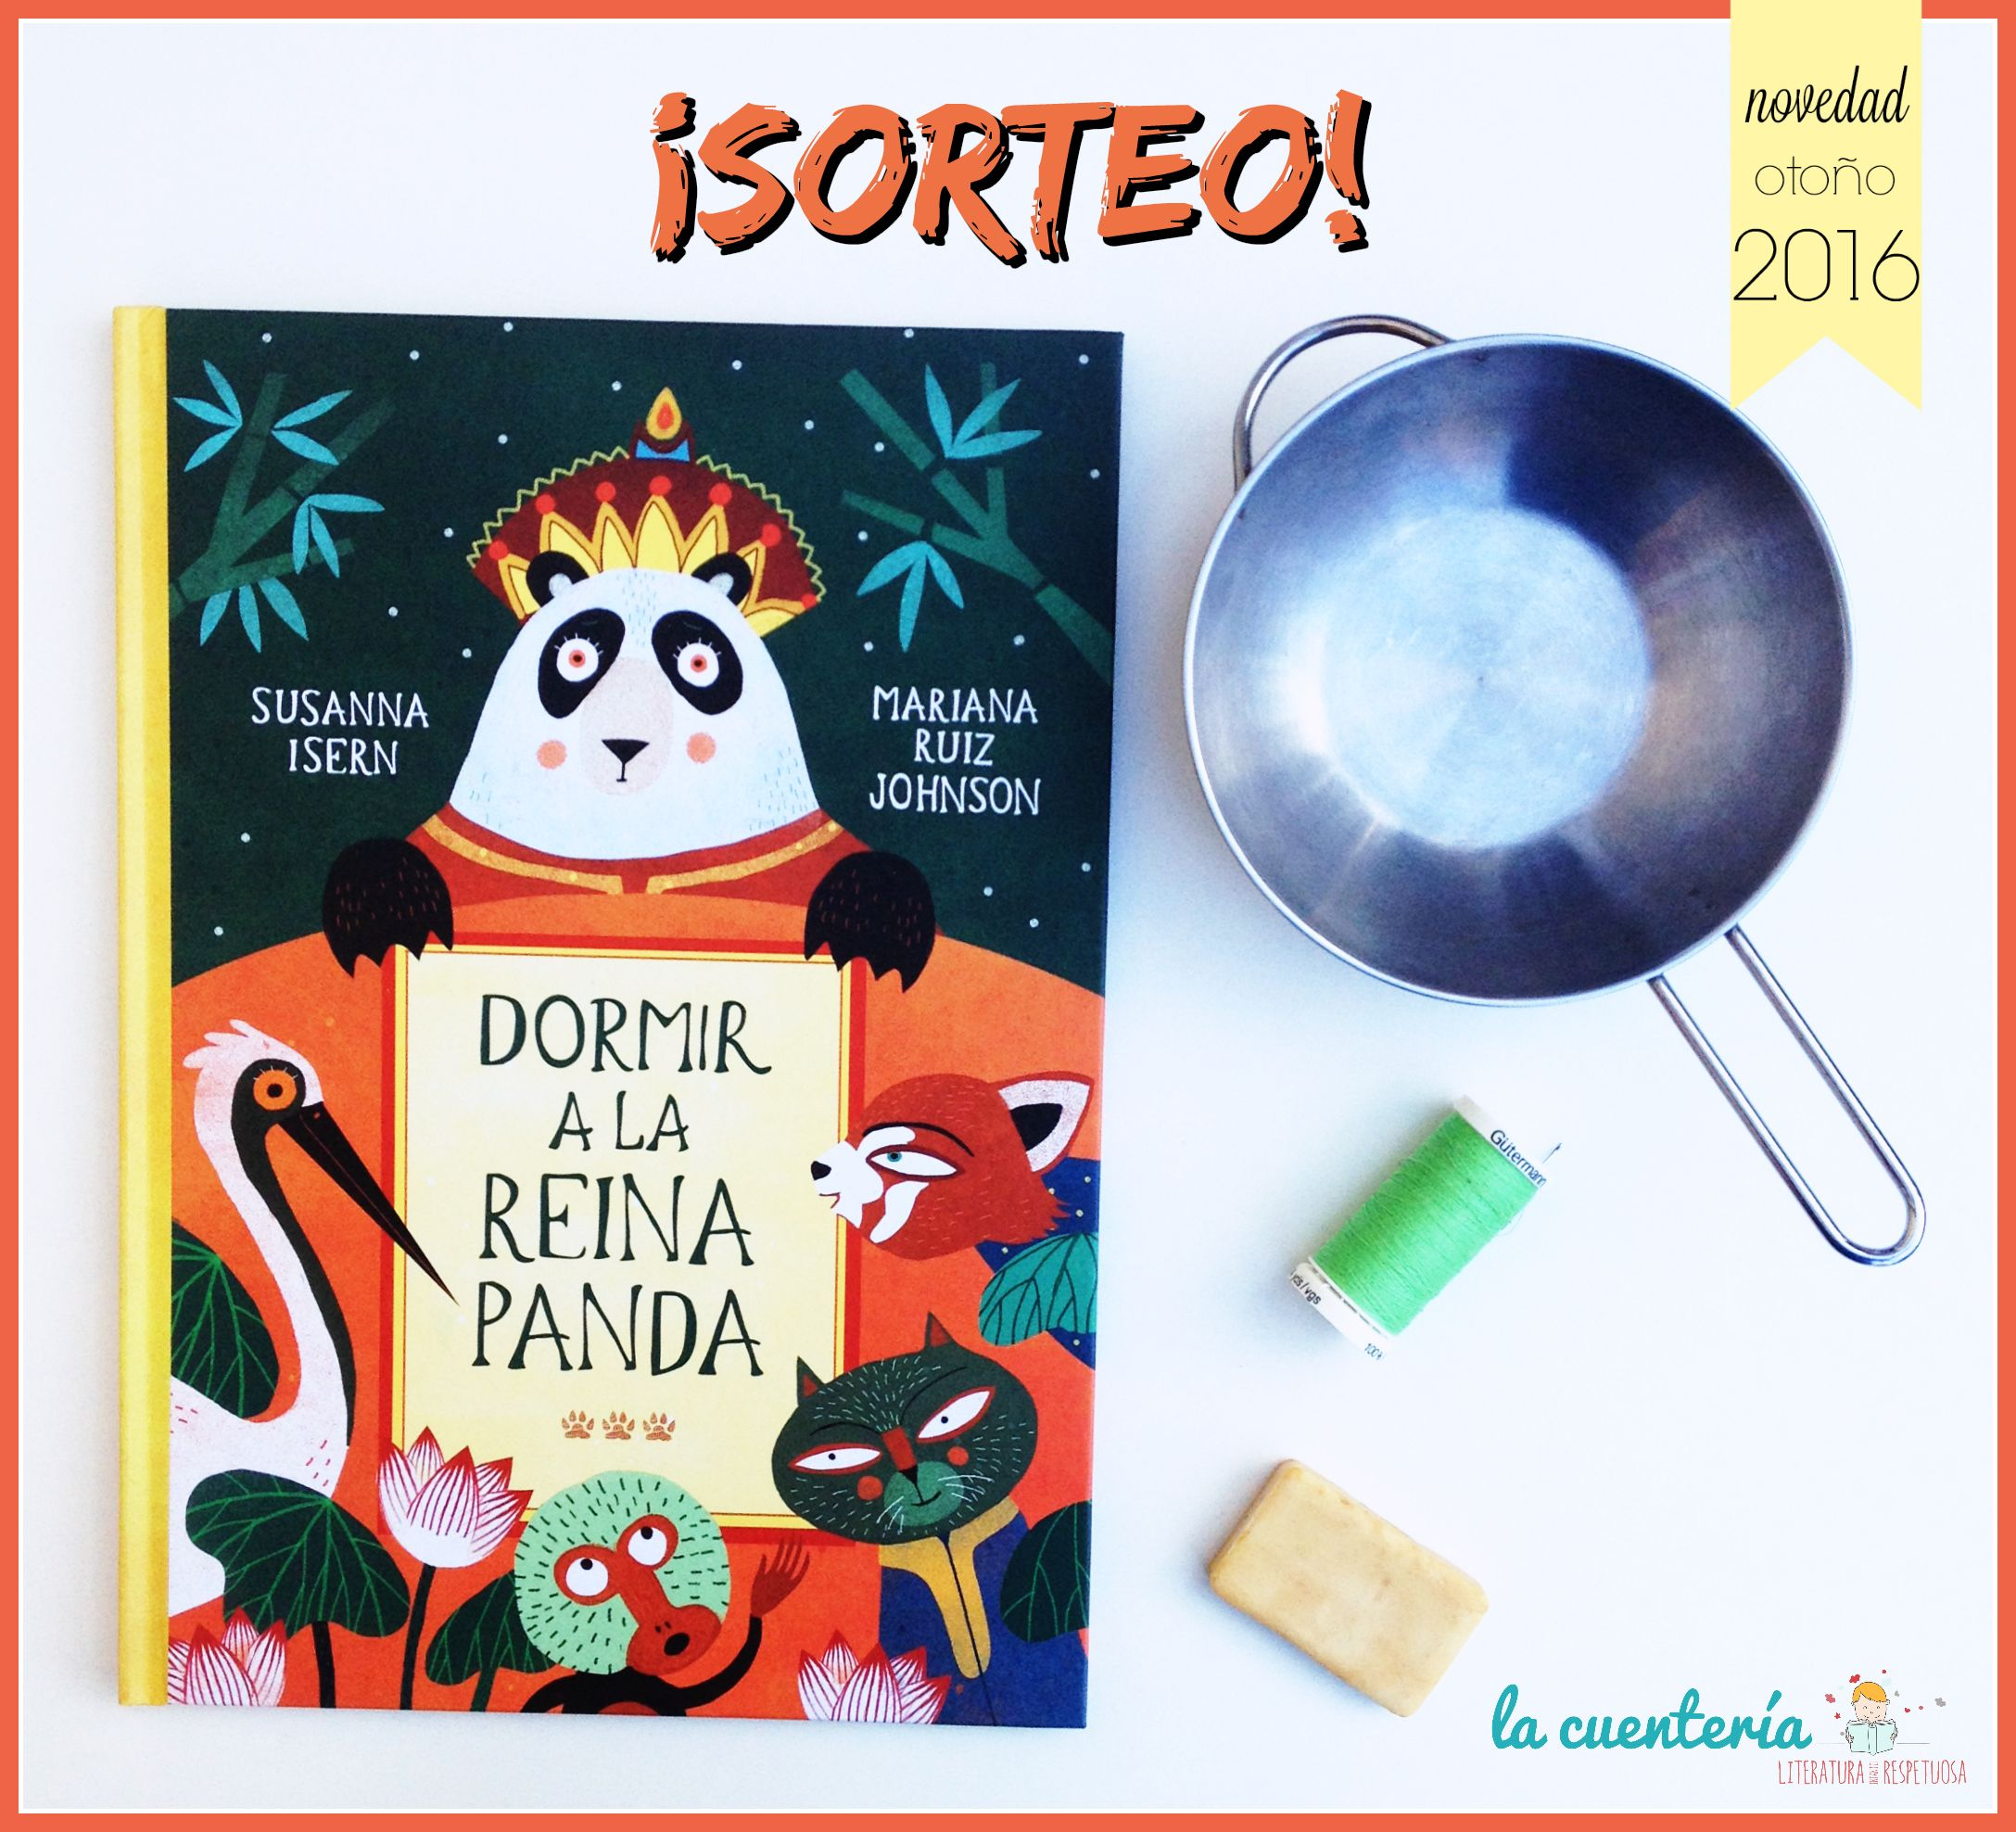 DORMIR A LA REINA PANDA